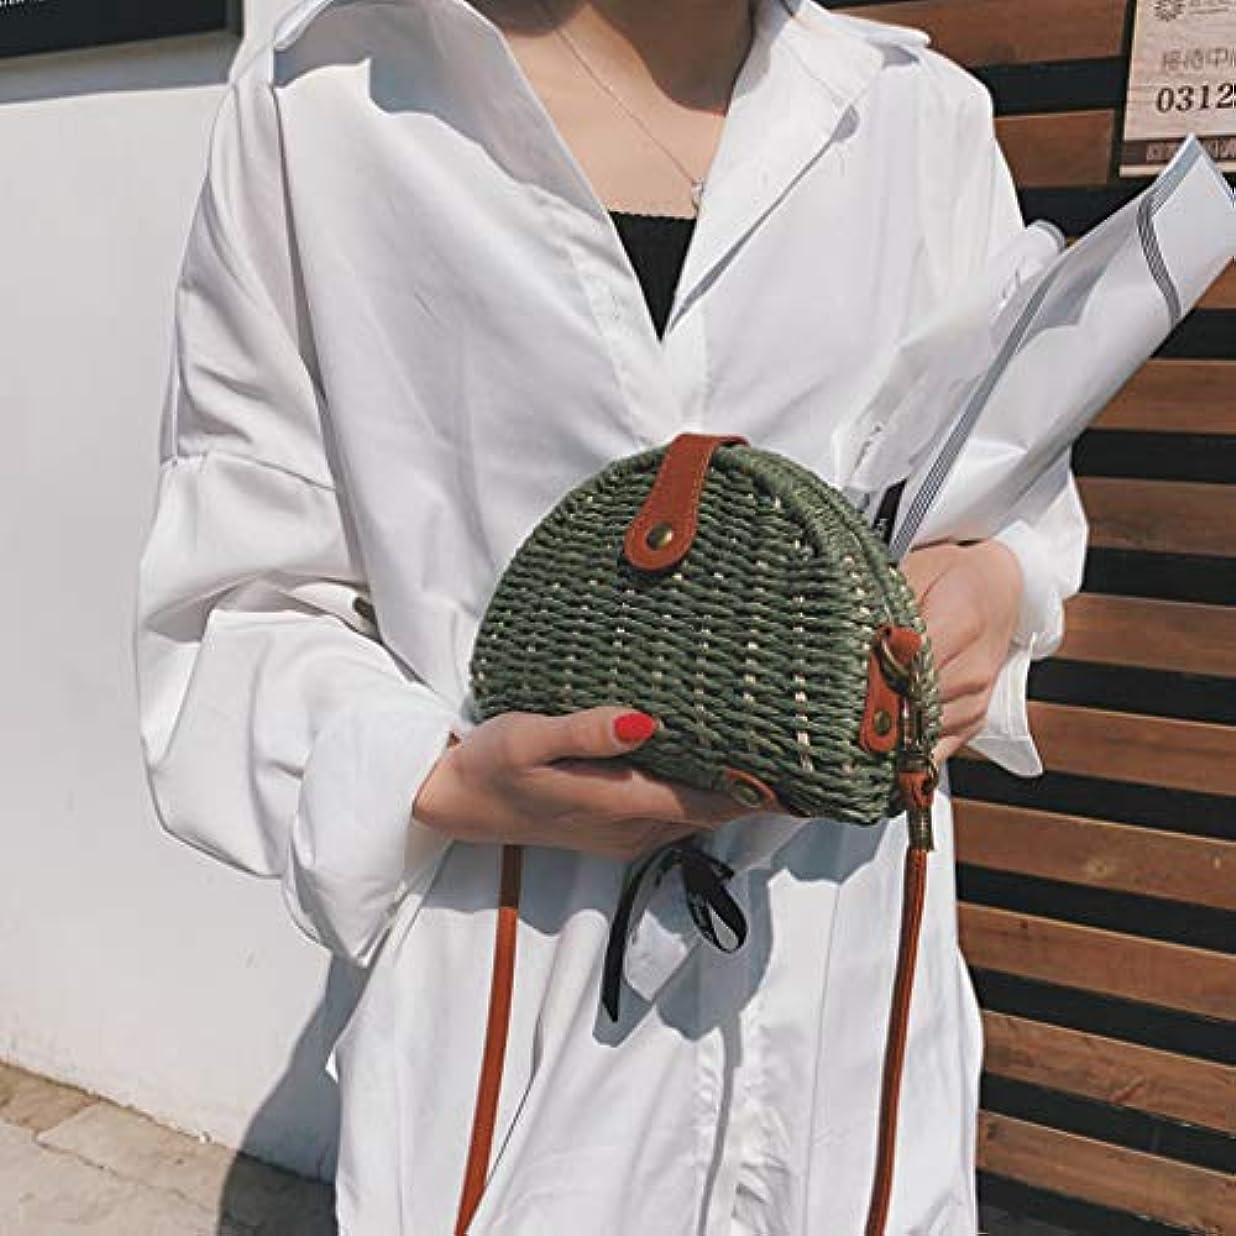 奴隷寝室逃れる女性ミニ織りビーチショルダーバッグレディースボヘミアンスタイルレジャーハンドバッグ、女性のミニ織クロスボディバッグ、レディースミニファッションビーチスタイルクロスボディバッグ (緑)